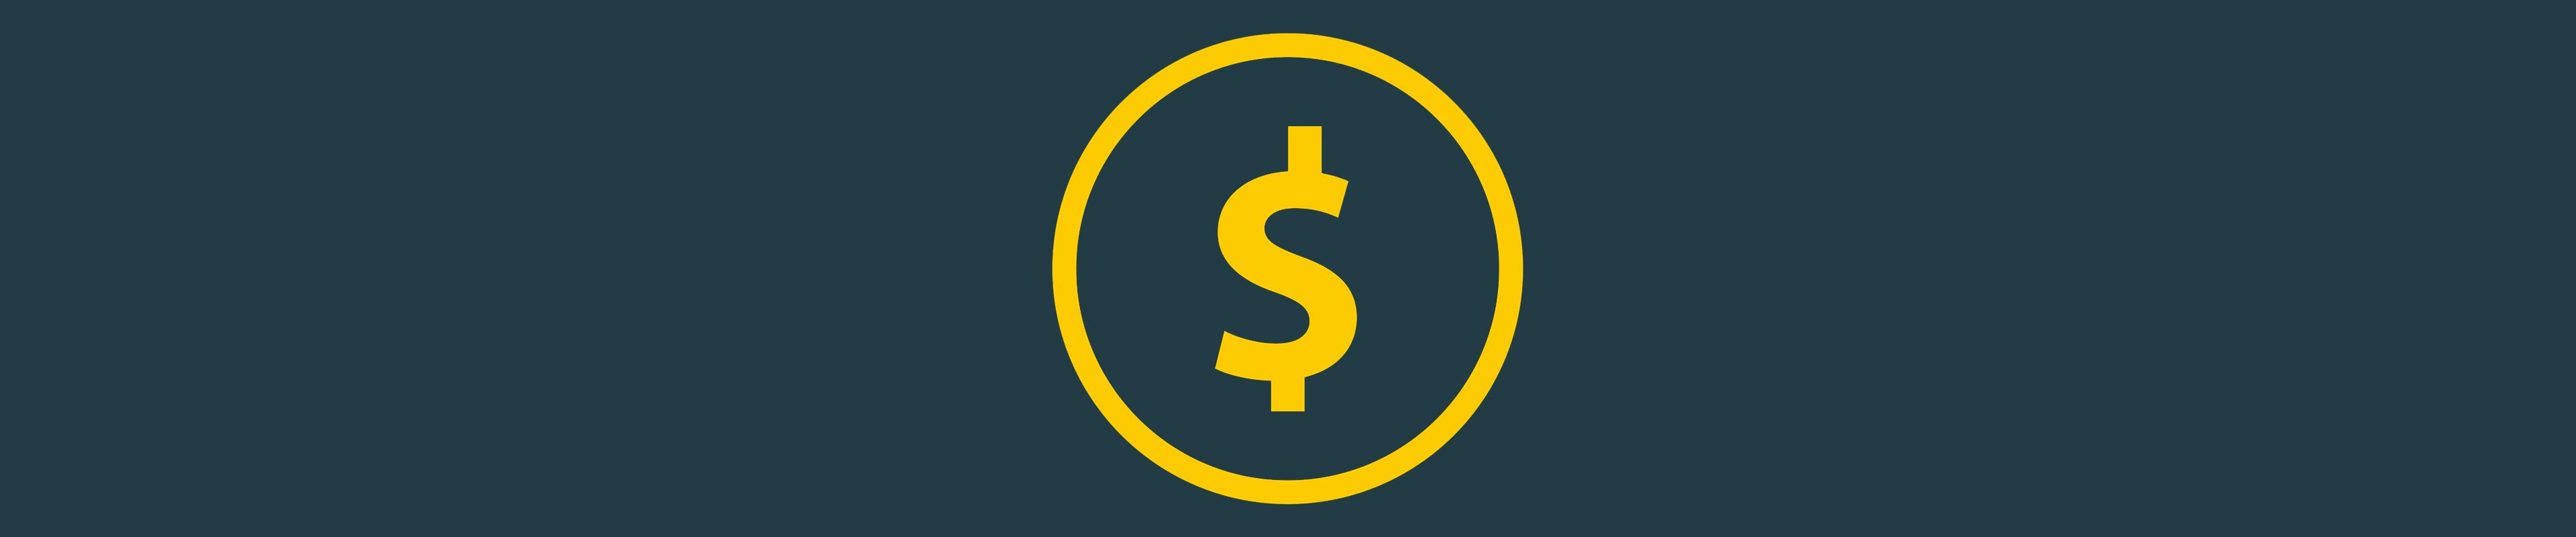 [已购]Money Pro: 个人财务-草蜢资源